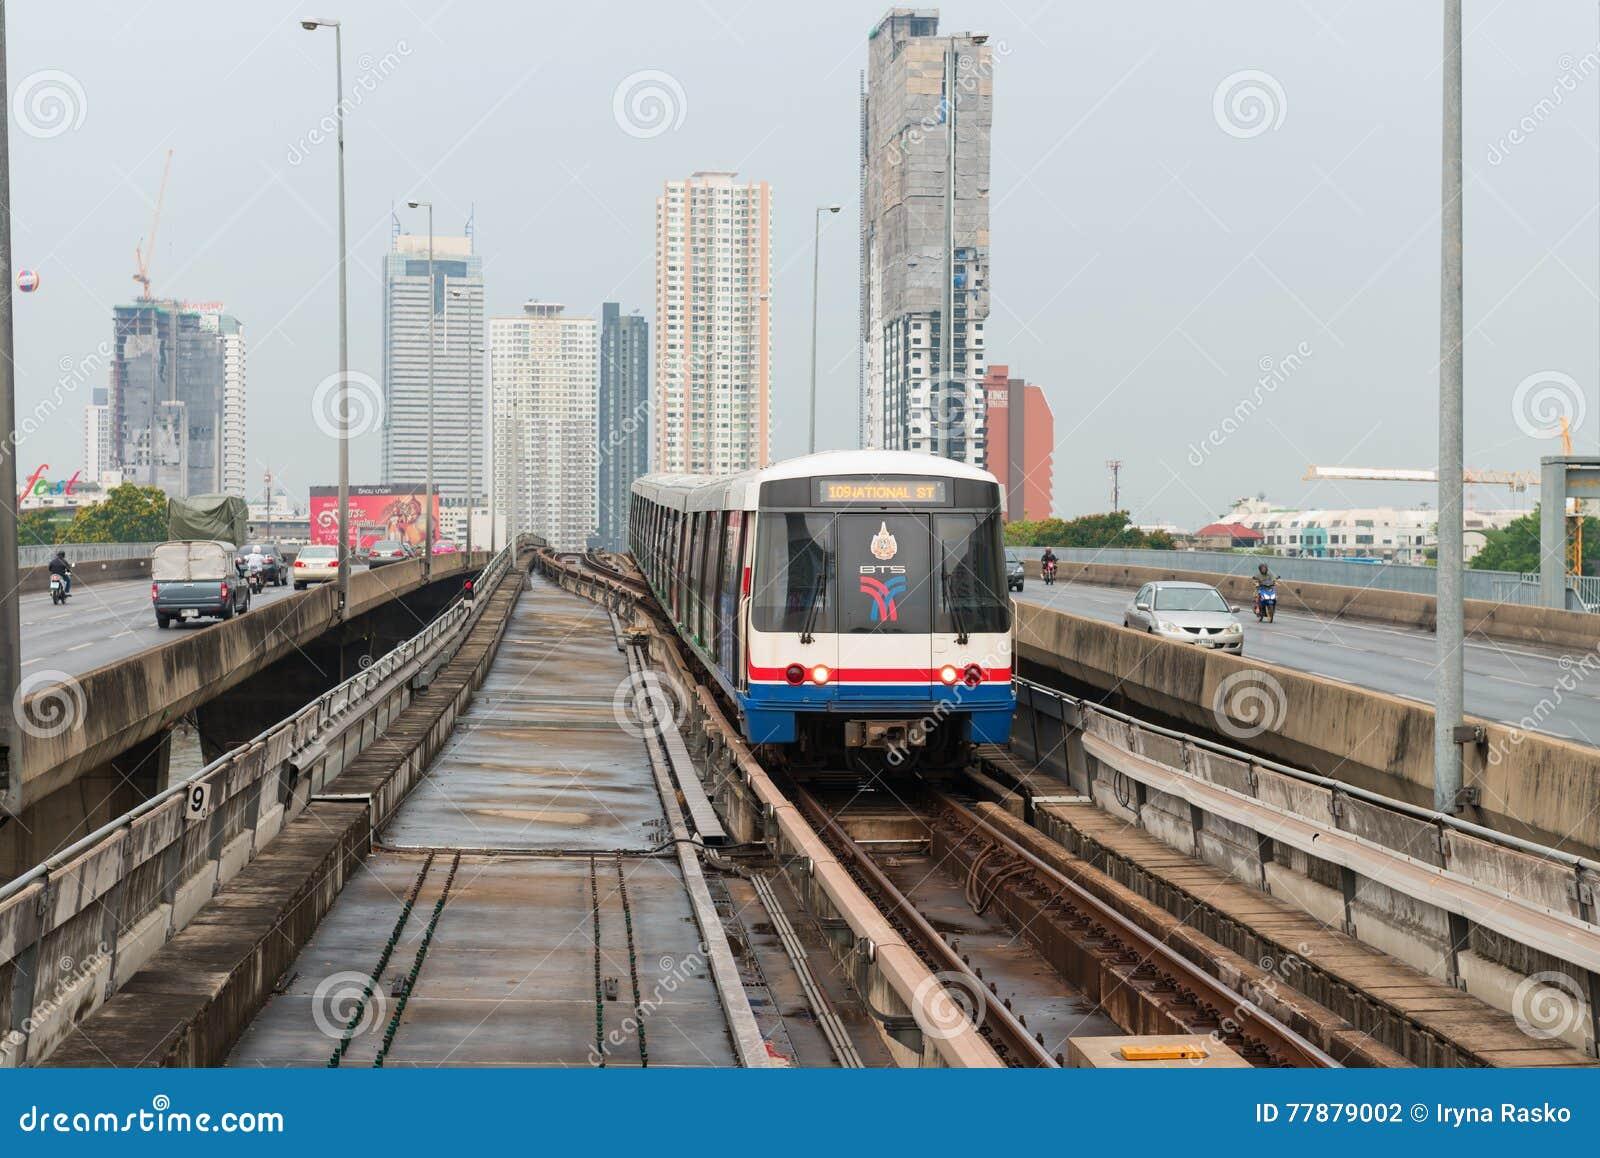 Tren De Cielo Del BTS, Un Sistema De Transporte Público Elevado En Bangk Fotografía editorial